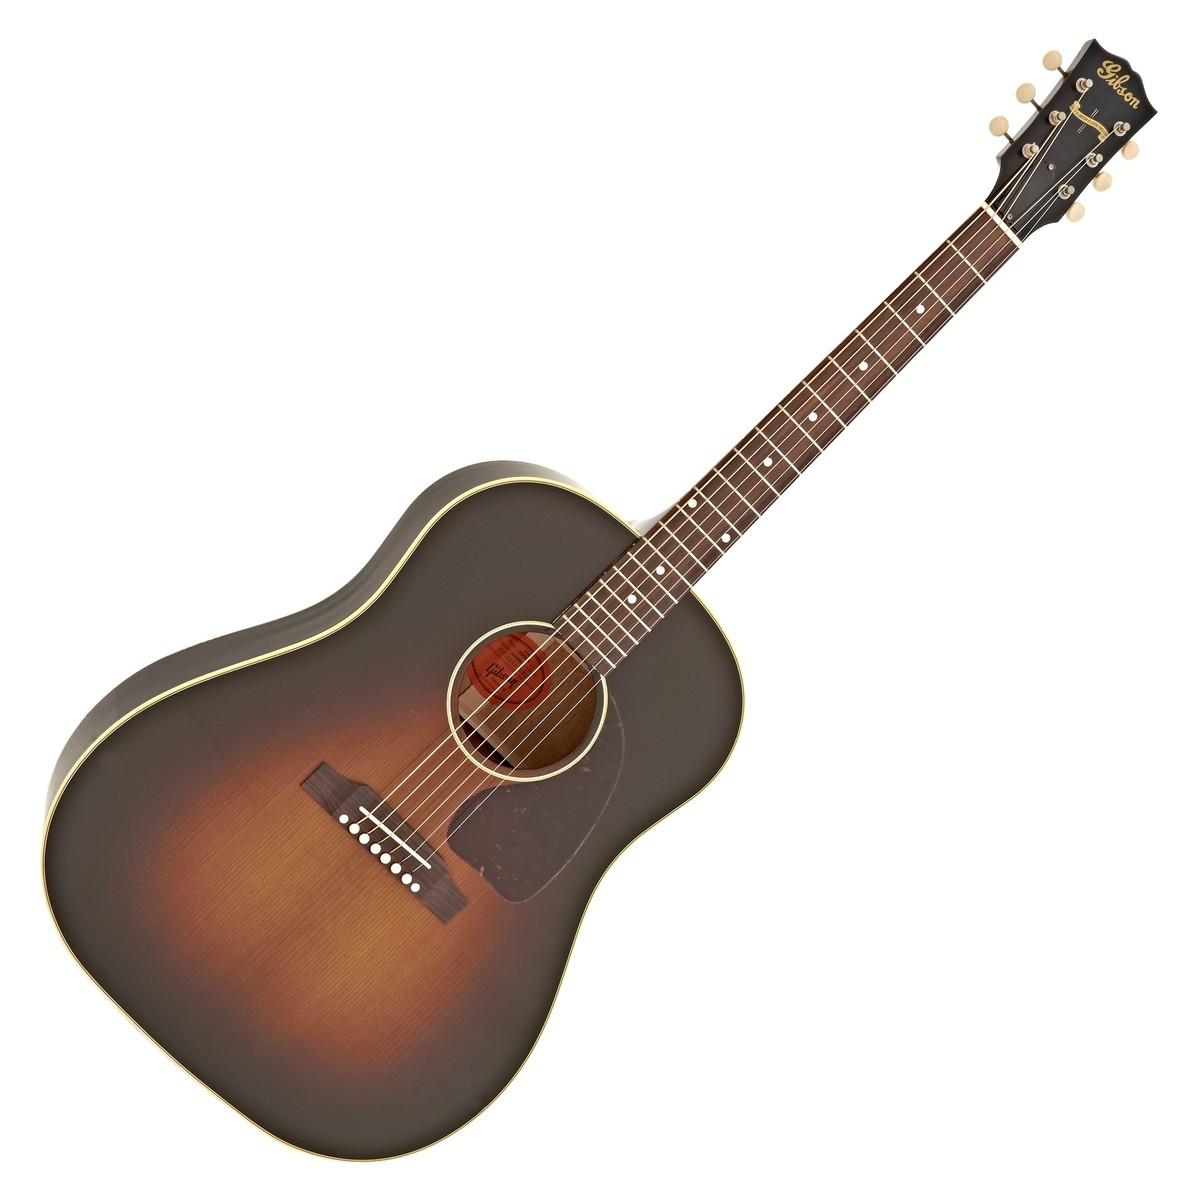 disc gibson j 45 vintage 2017 acoustic guitar vintage. Black Bedroom Furniture Sets. Home Design Ideas